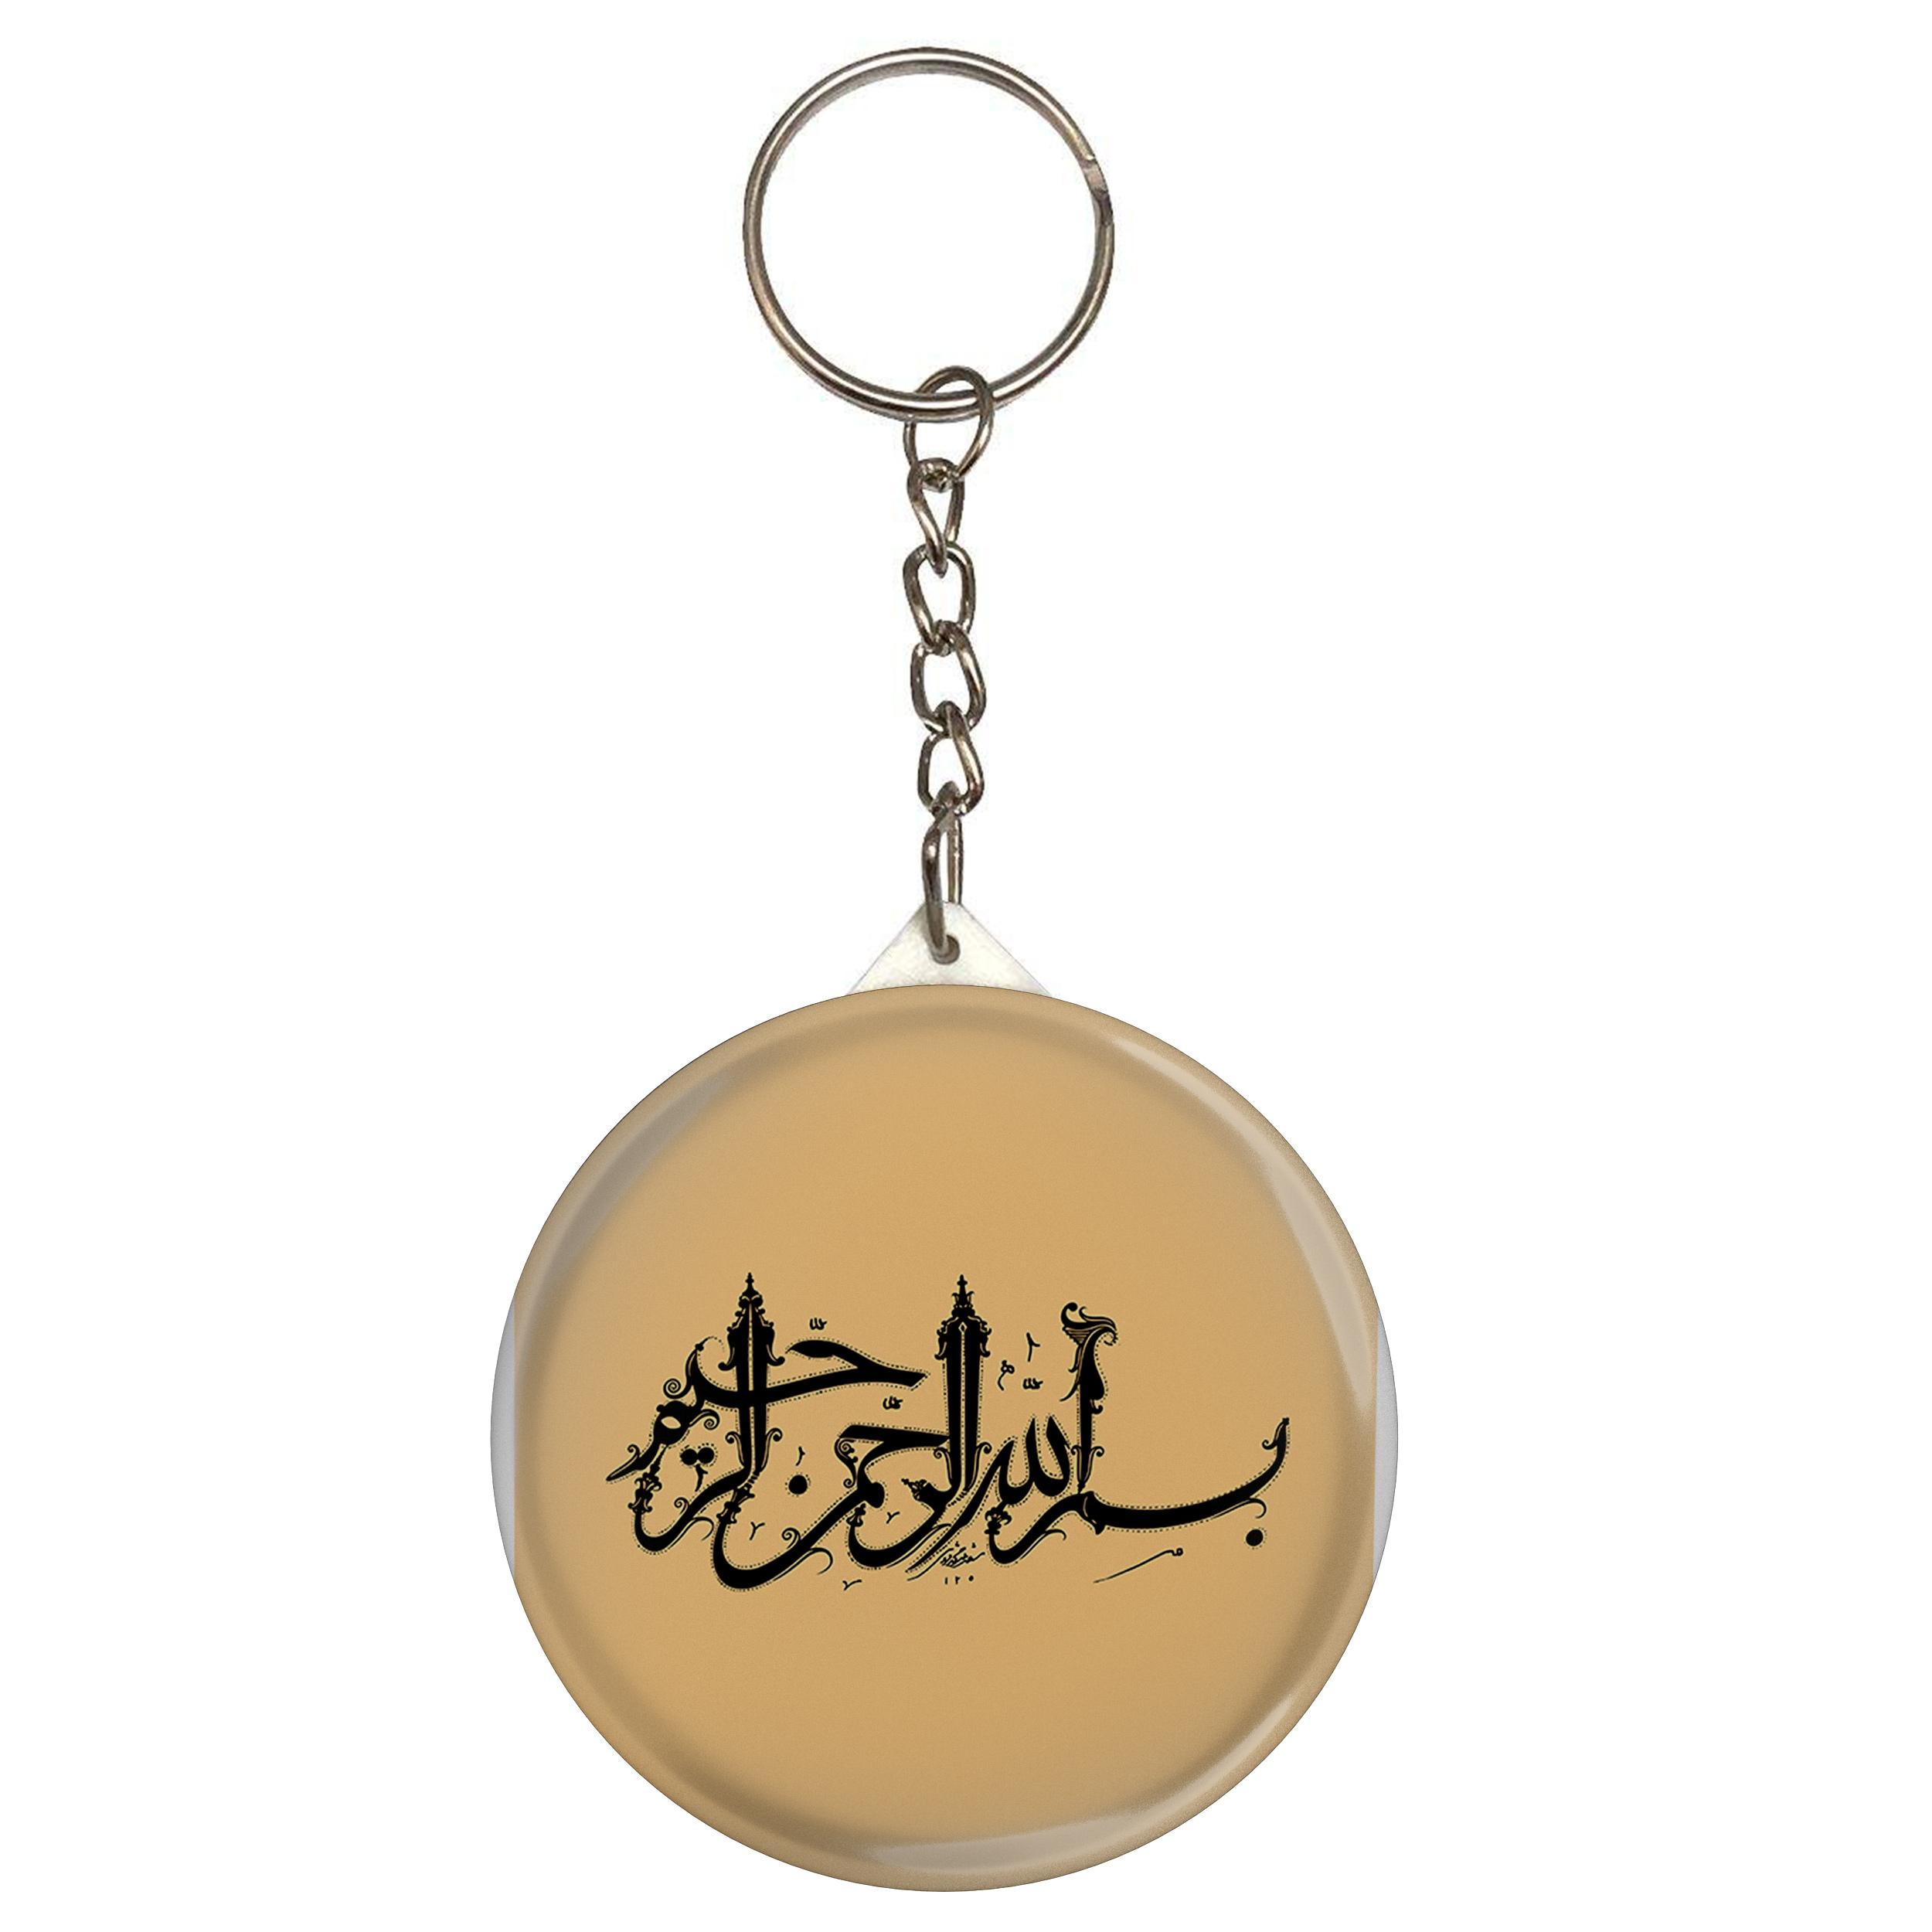 جا کلیدی طرح بسم الله الرحمن الرحیم مدل S2027